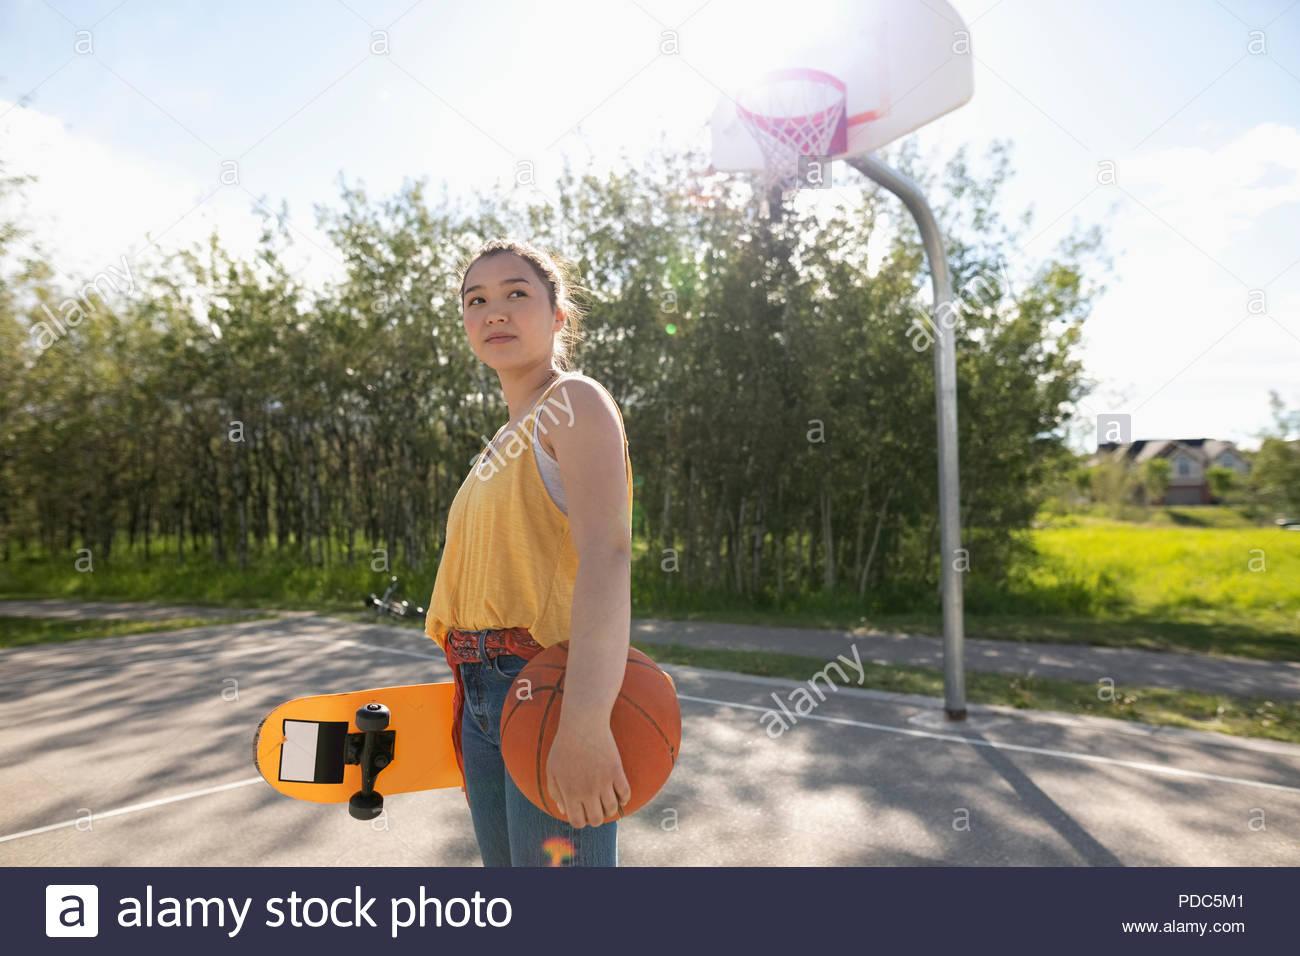 Confiant, cool boy skateboard et basket-ball sur le parc ensoleillé de basket-ball Photo Stock